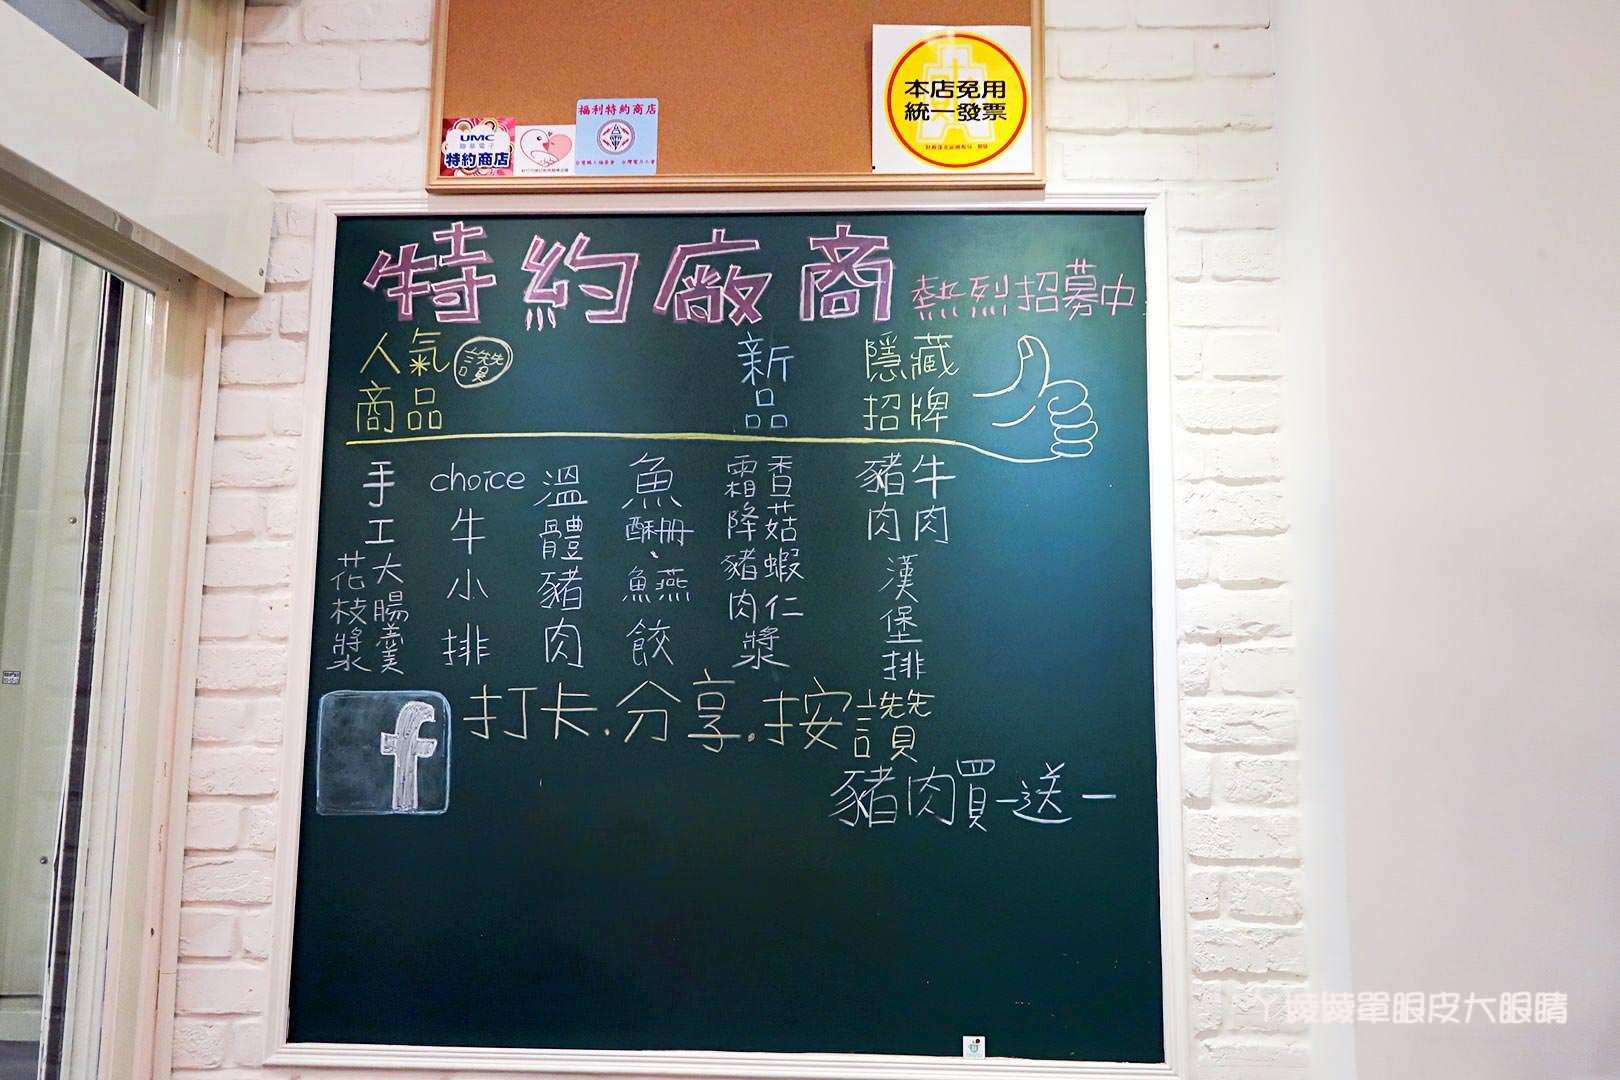 新竹宵夜美食推薦《二月牌沙茶爐》!年輕老闆服務親切,海鮮塔火鍋一鍋多重享受,內有隱藏菜單